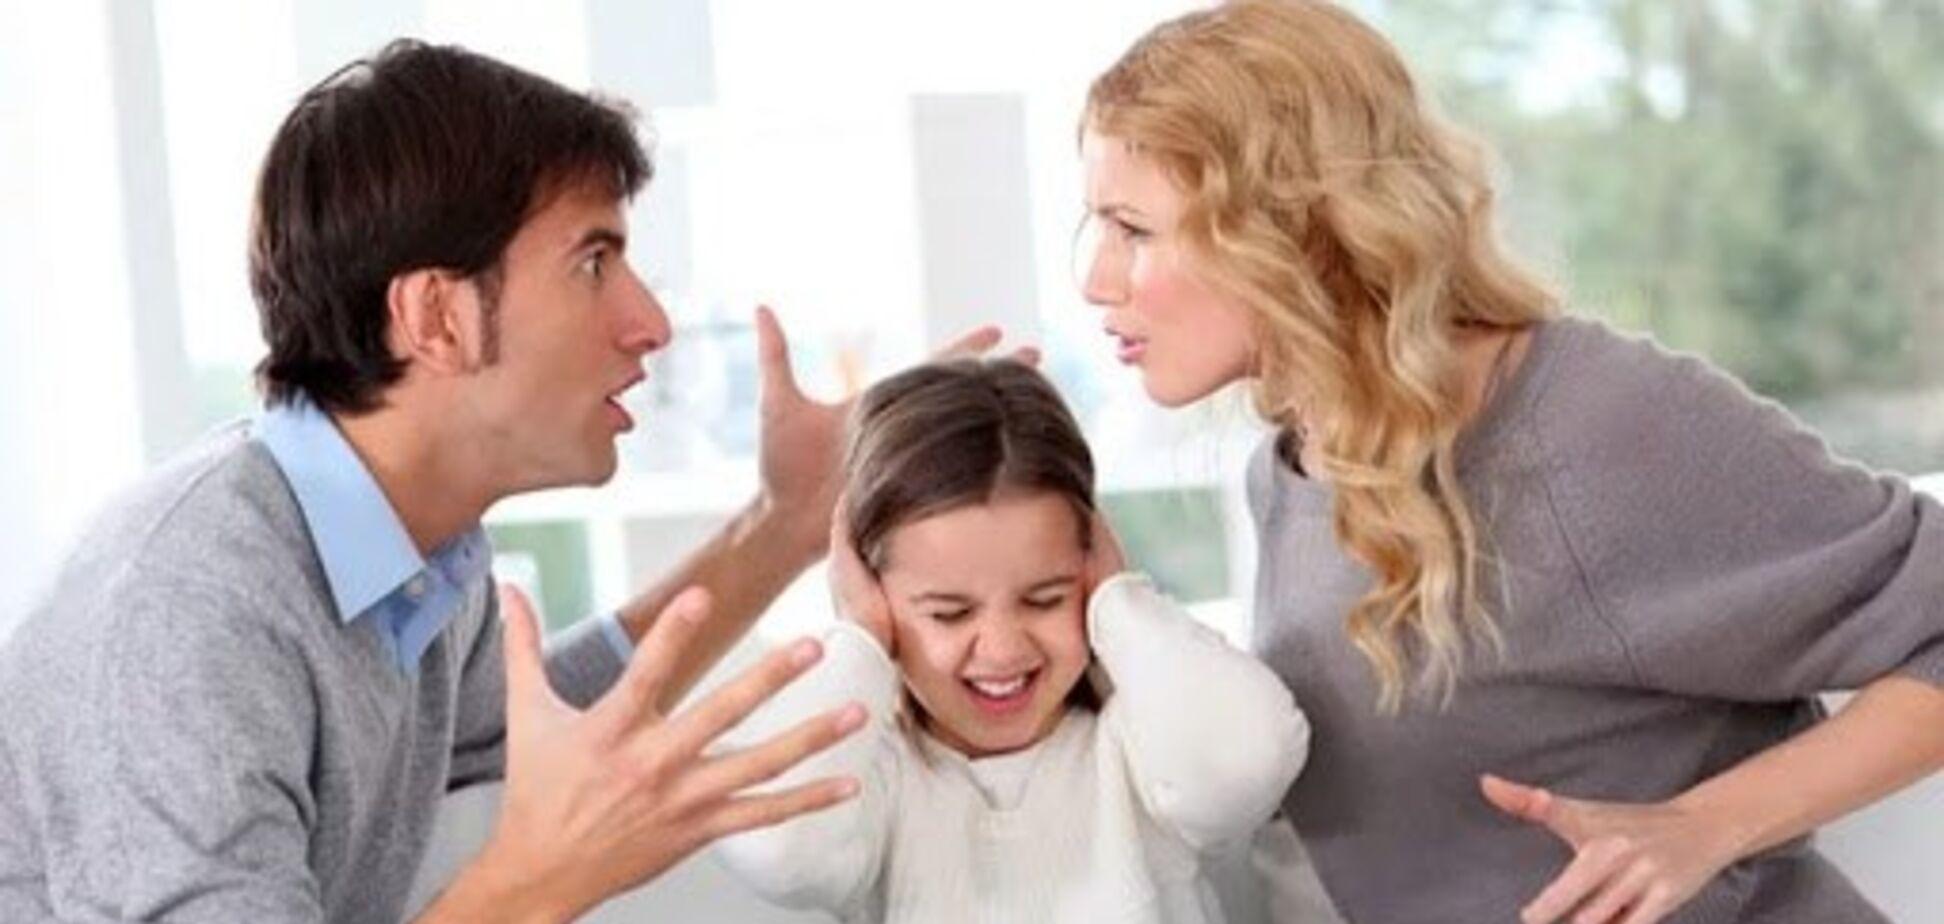 Карантин: как наладить отношения в семье на примере